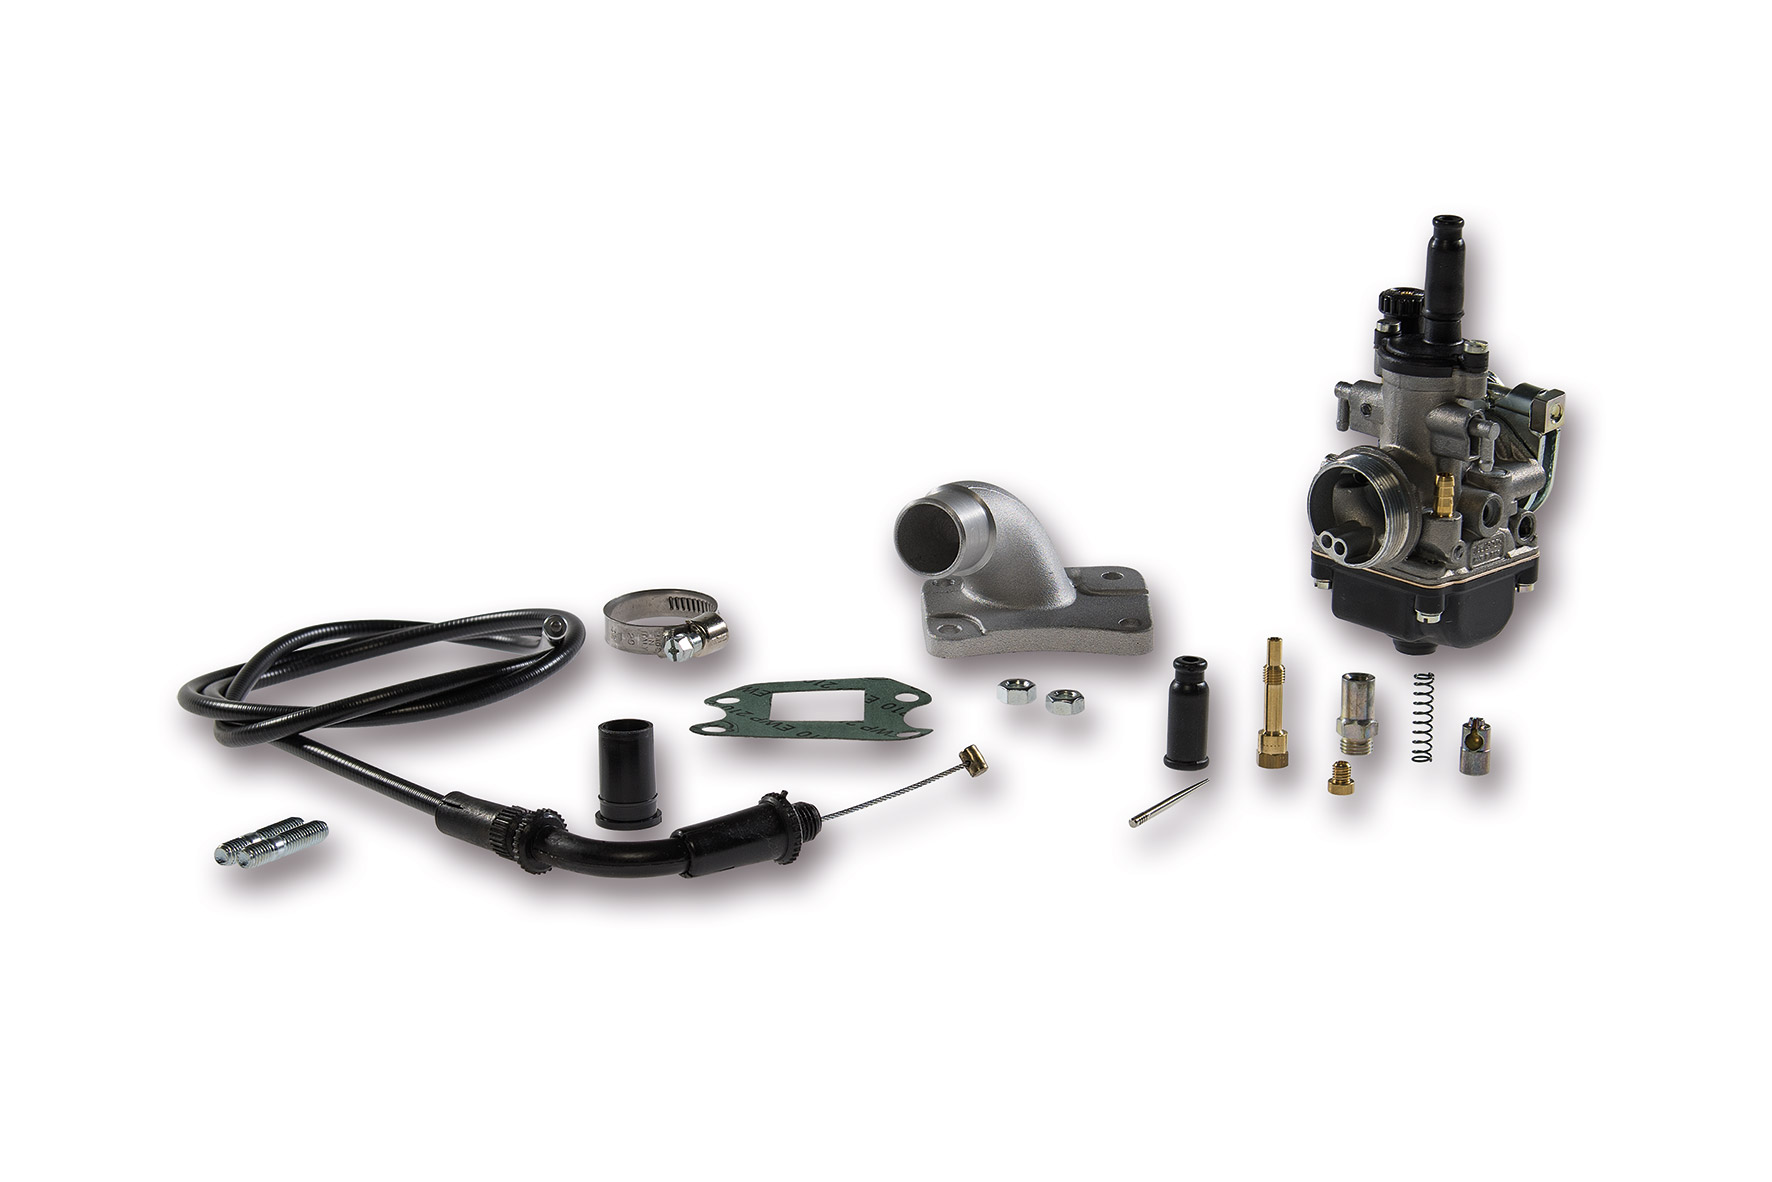 Impianto alimentazione PHBG 17 per Honda Wallaroo 50 cc